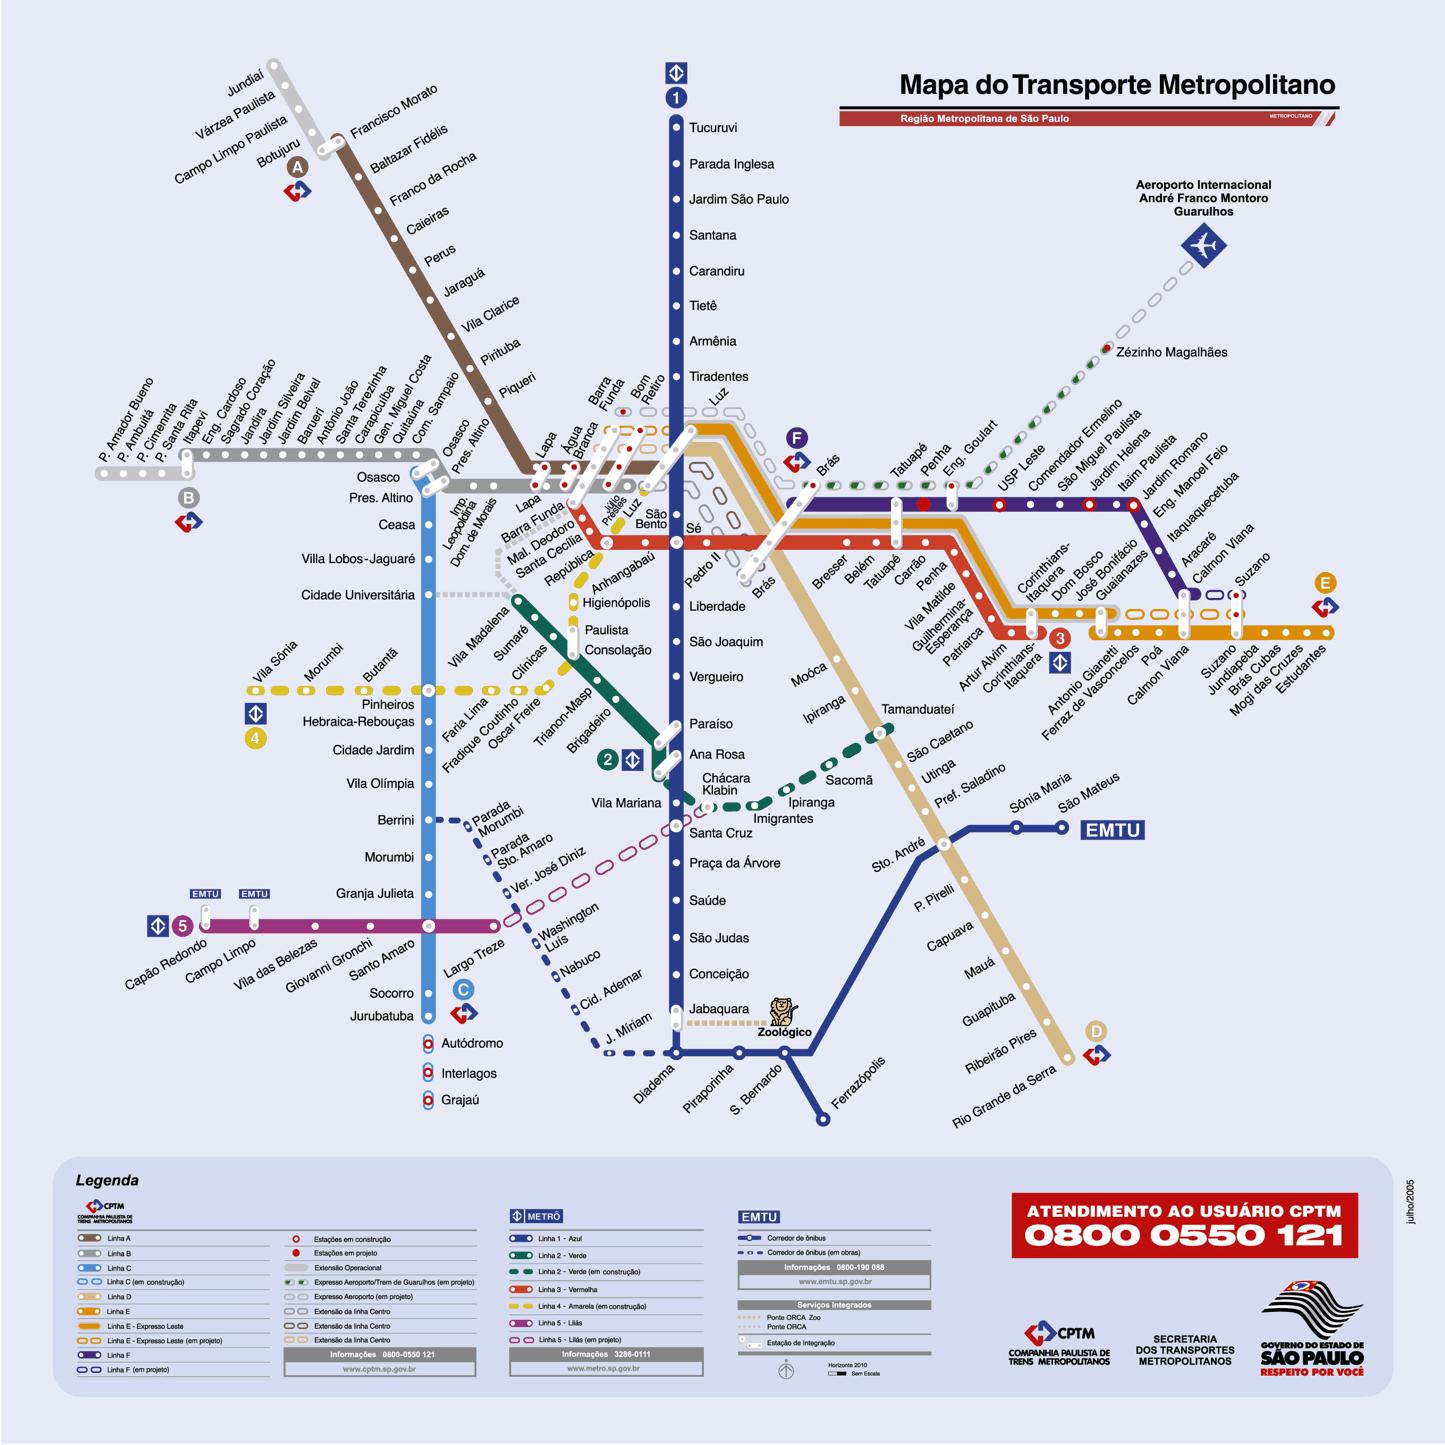 PR | Transporte Rodoviário de Curitiba e Região Metropolitana - Page 508 - SkyscraperCity